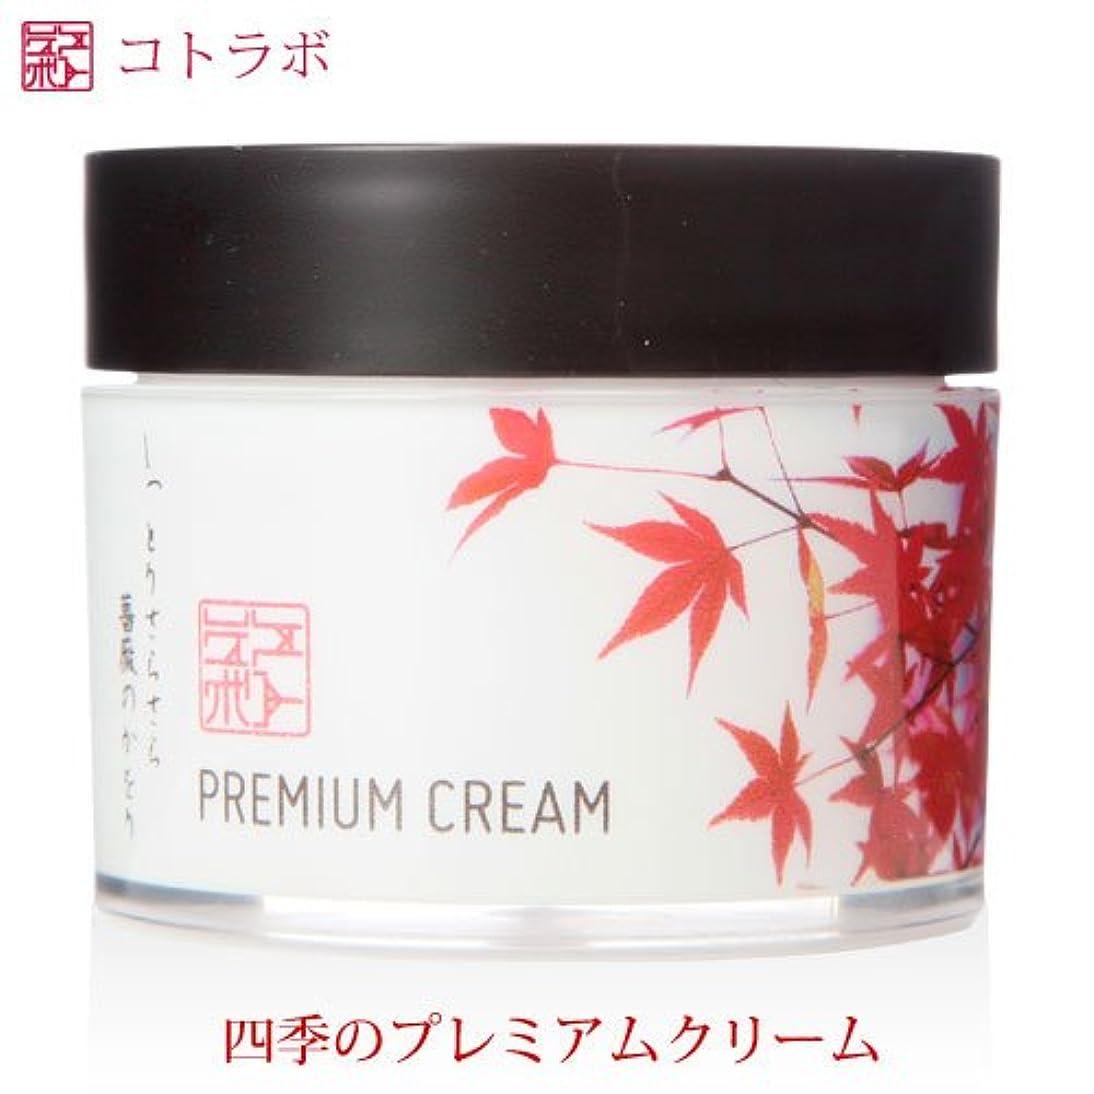 バクテリア真珠のような法律によりコトラボ 四季のプレミアムクリーム秋薔薇の香り50g